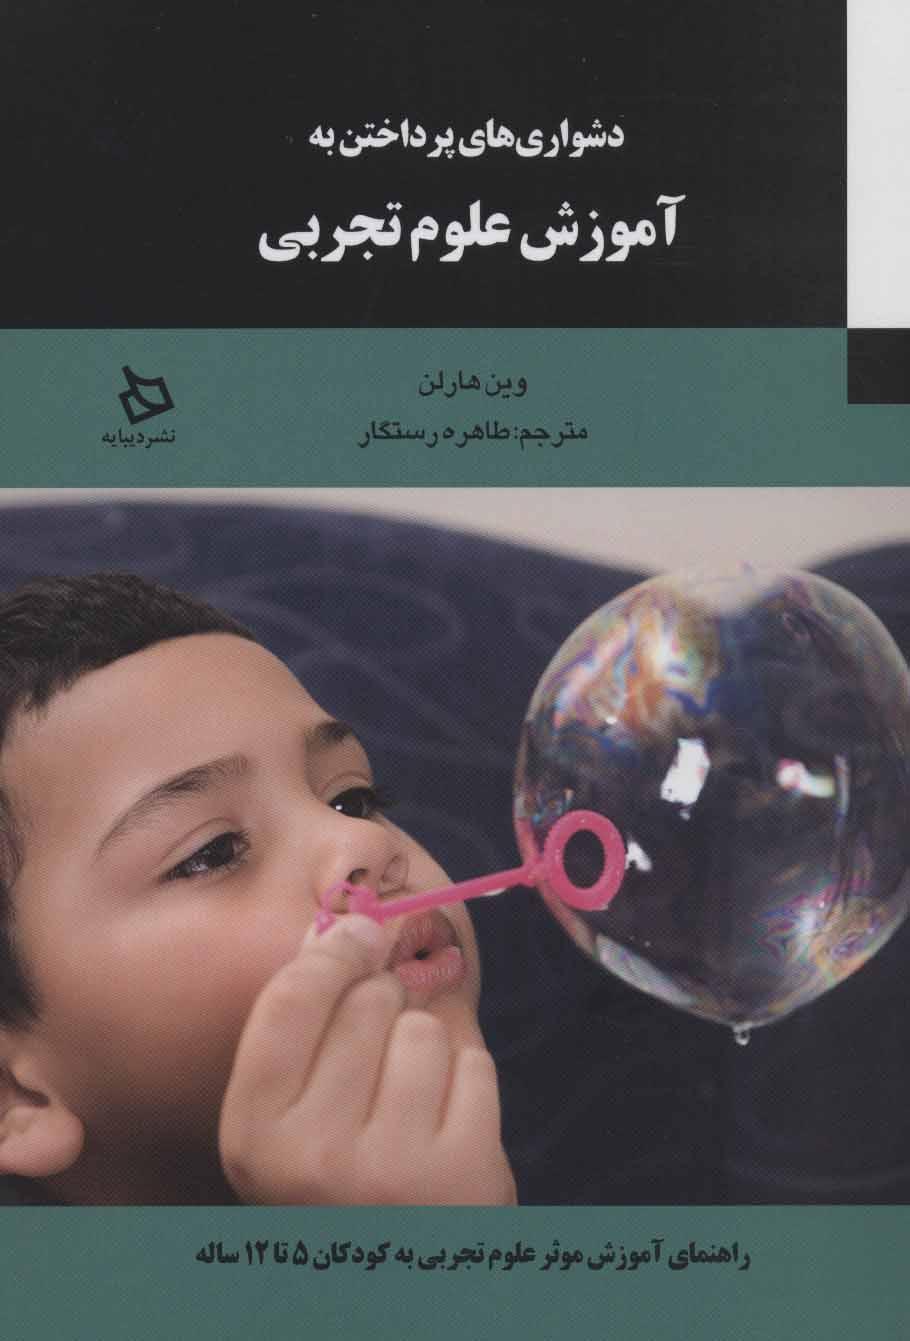 دشواری های پرداختن به آموزش علوم تجربی (راهنمای موثر علوم تجربی به کودکان 5تا 12ساله)